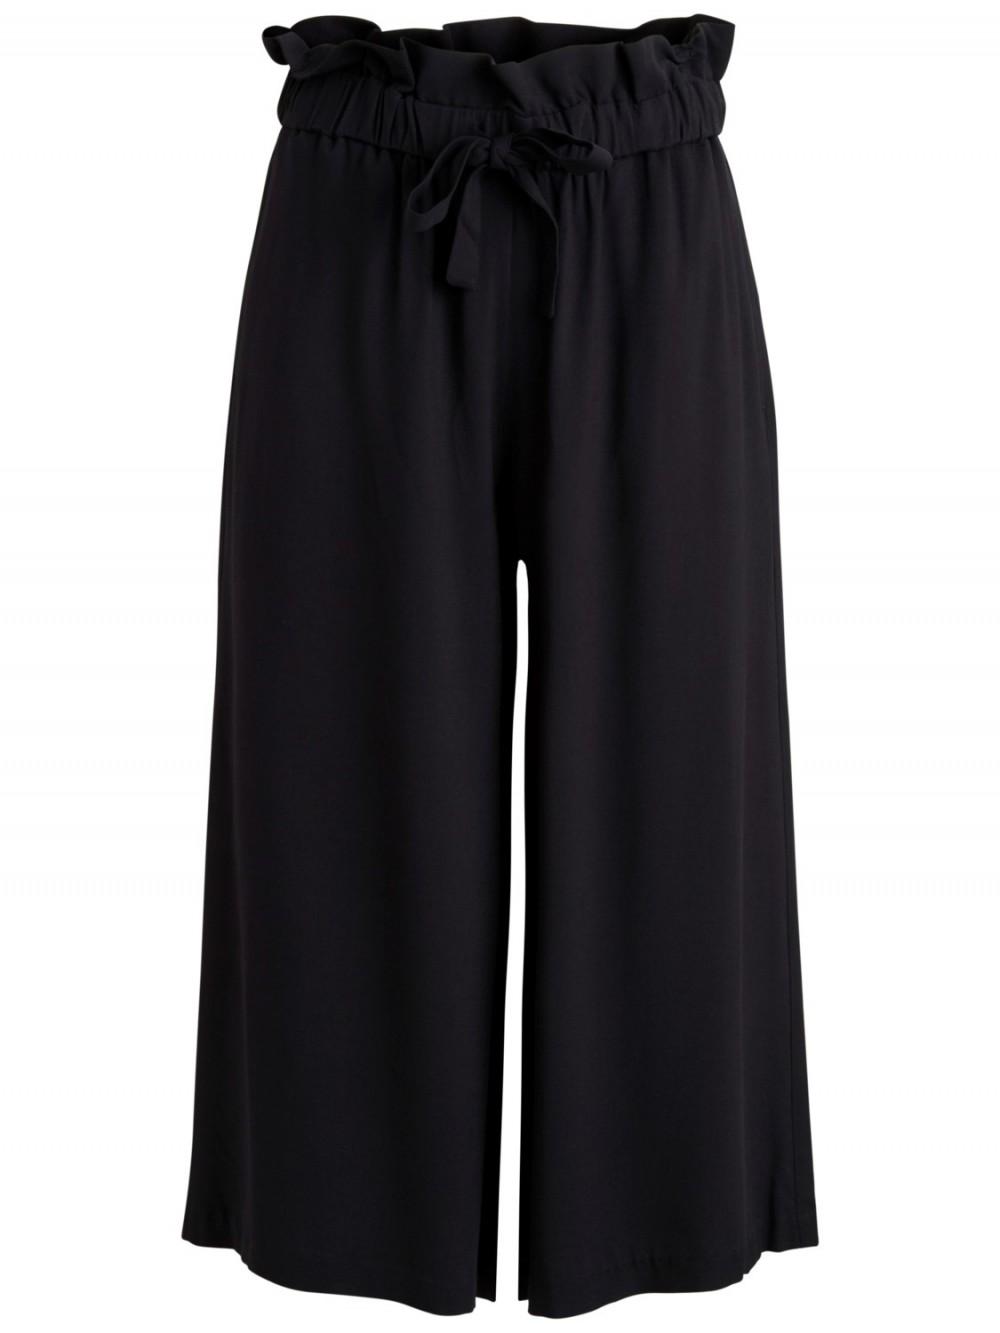 Vila sort vid bukse, svarte culotter til dame